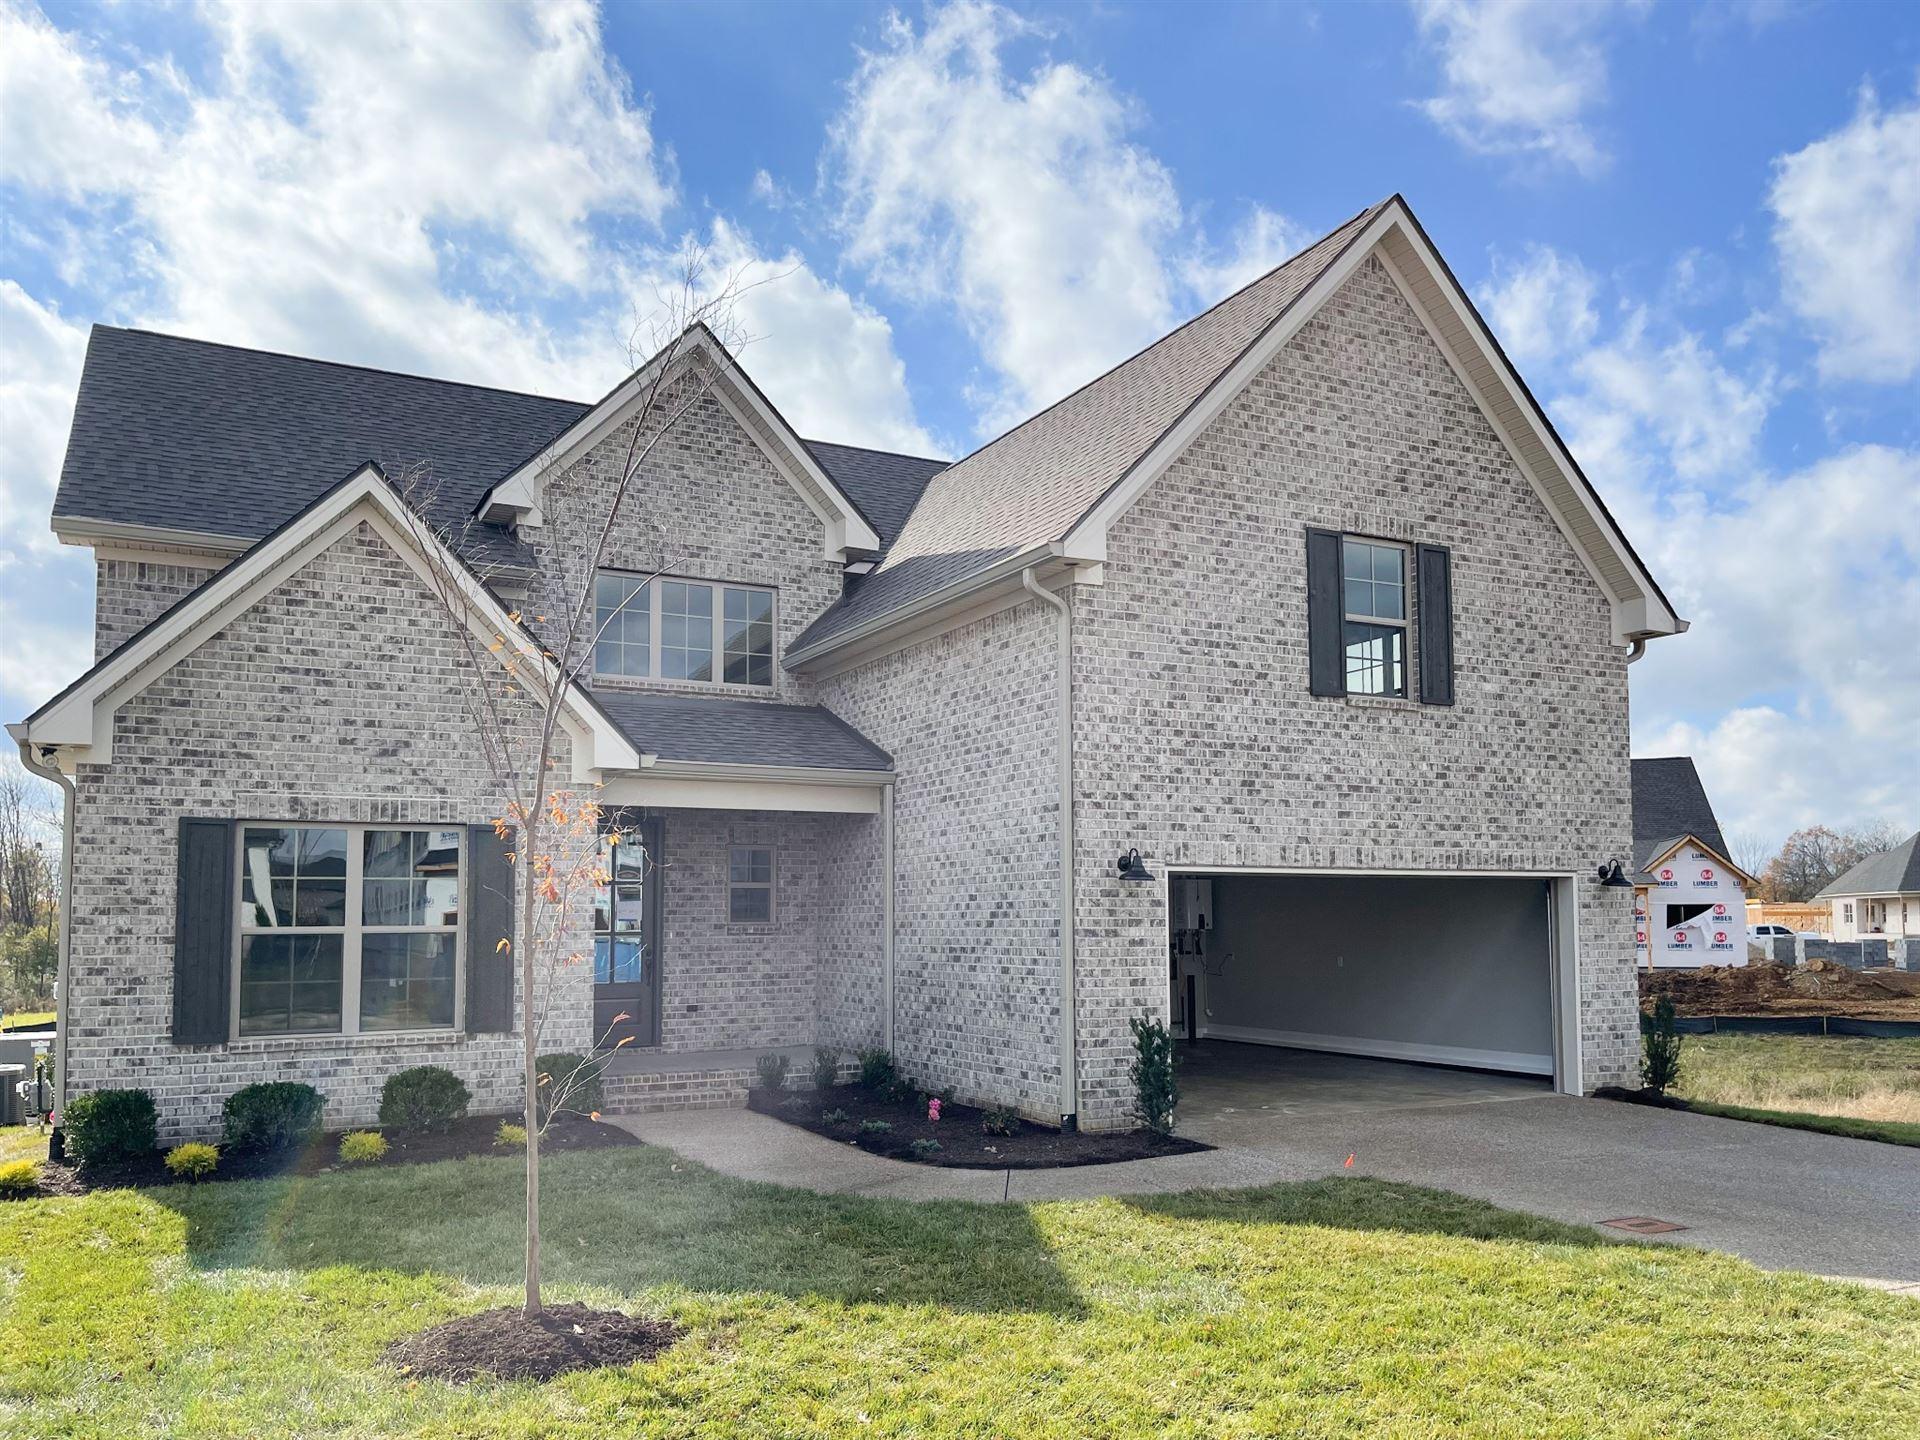 Photo of 1815 Witt Way Drive, Spring Hill, TN 37174 (MLS # 2286099)